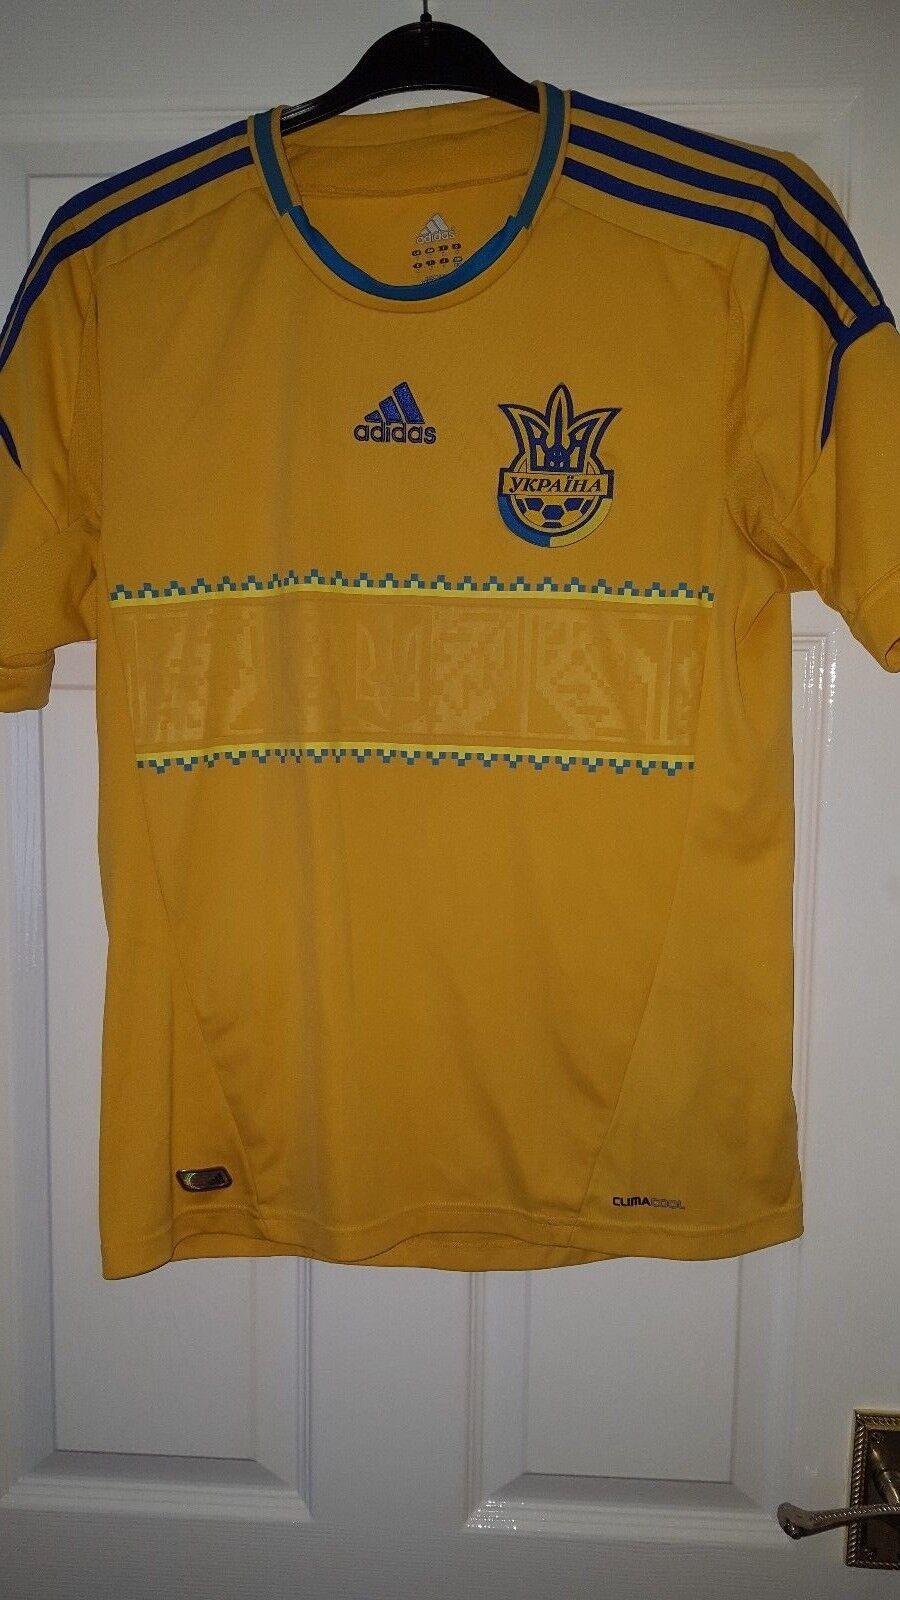 Para Hombres Camisa De Fútbol  Equipo Nacional-Ucrania-Home 2011-2013 - Adidas-Amarillo M  precios bajos